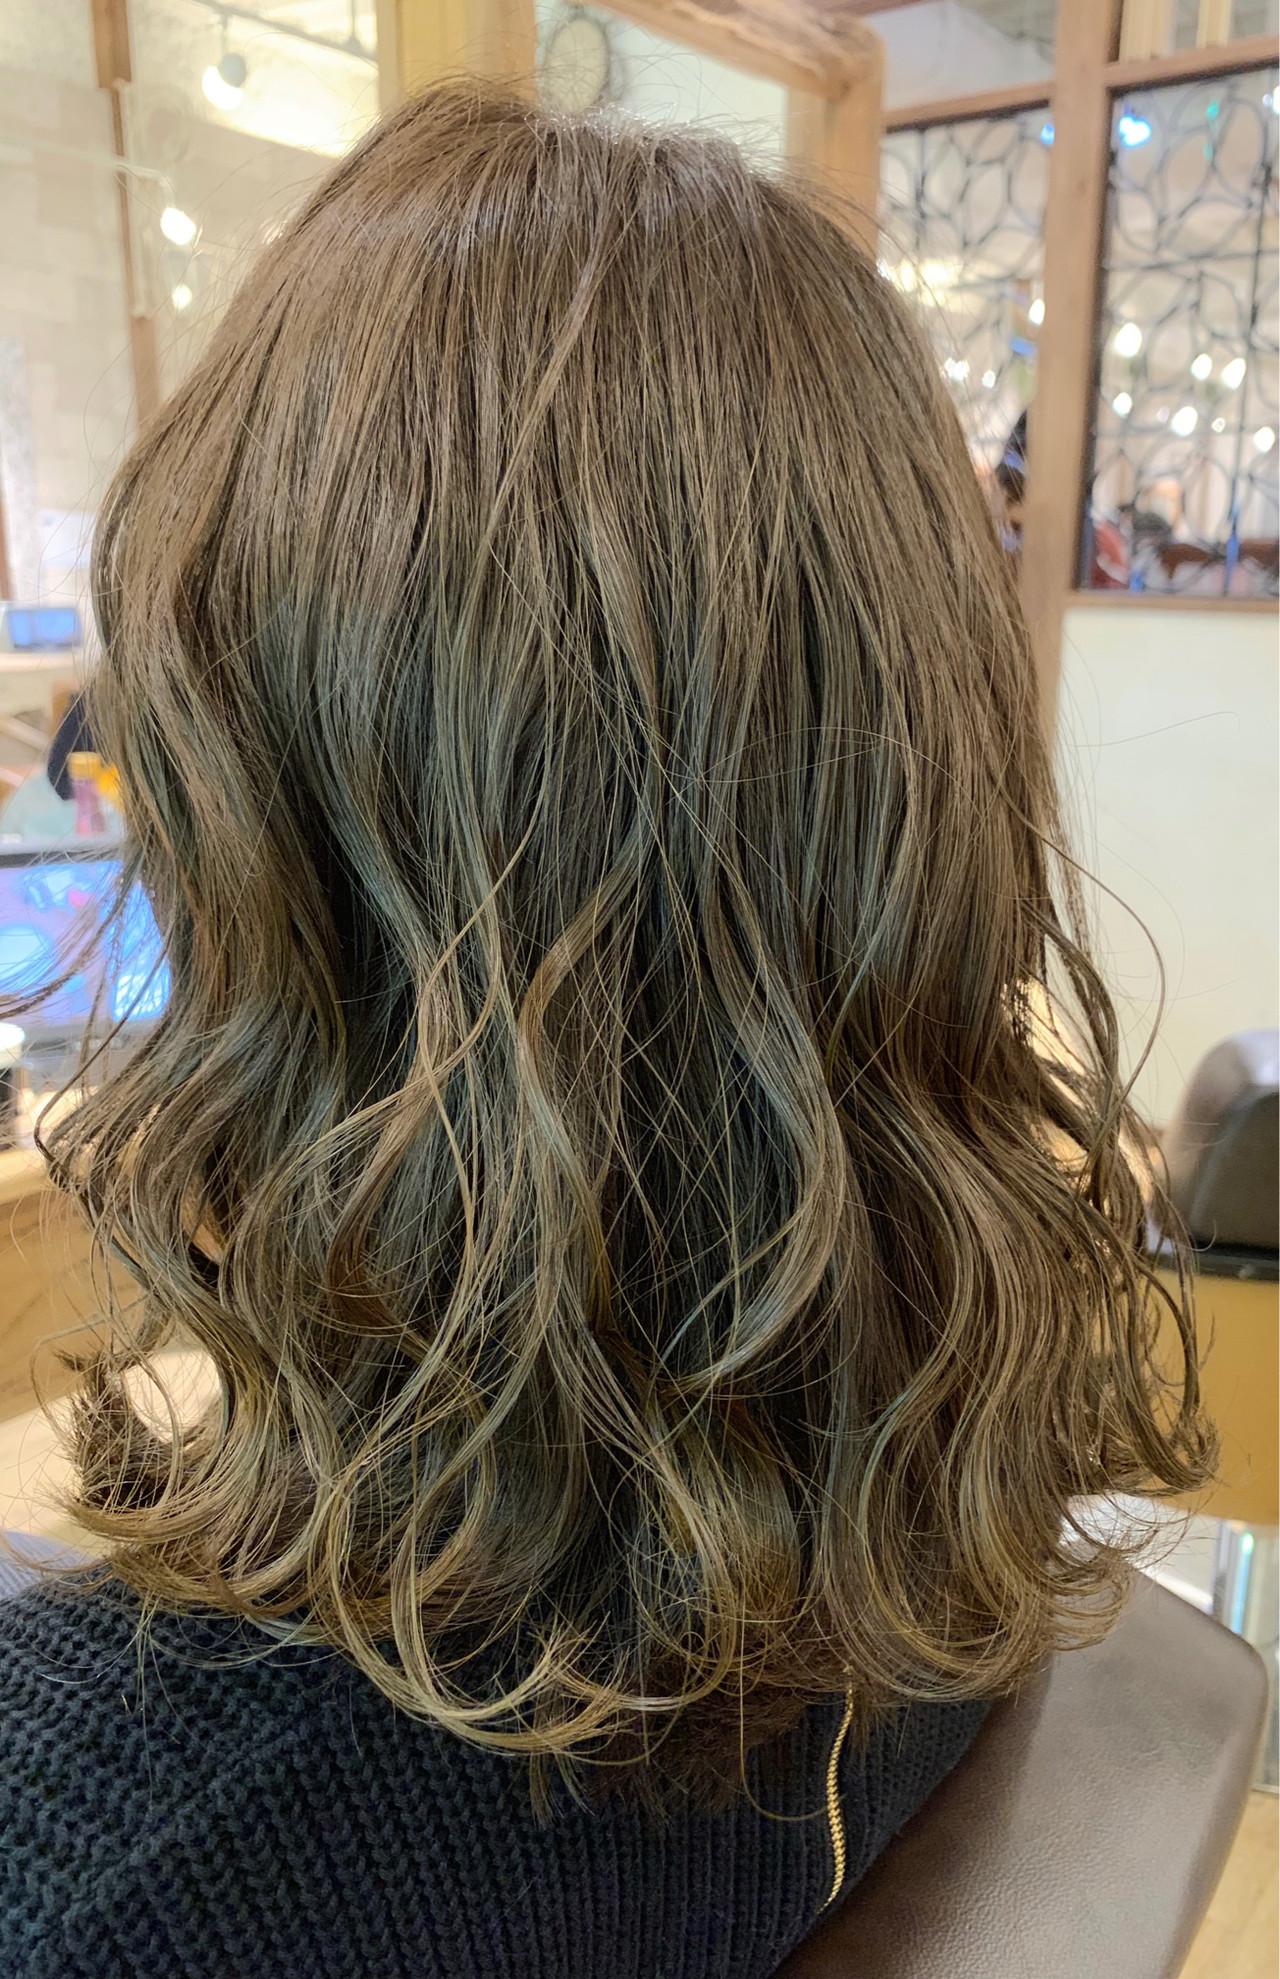 マット セミロング イルミナカラー 透明感ヘアスタイルや髪型の写真・画像